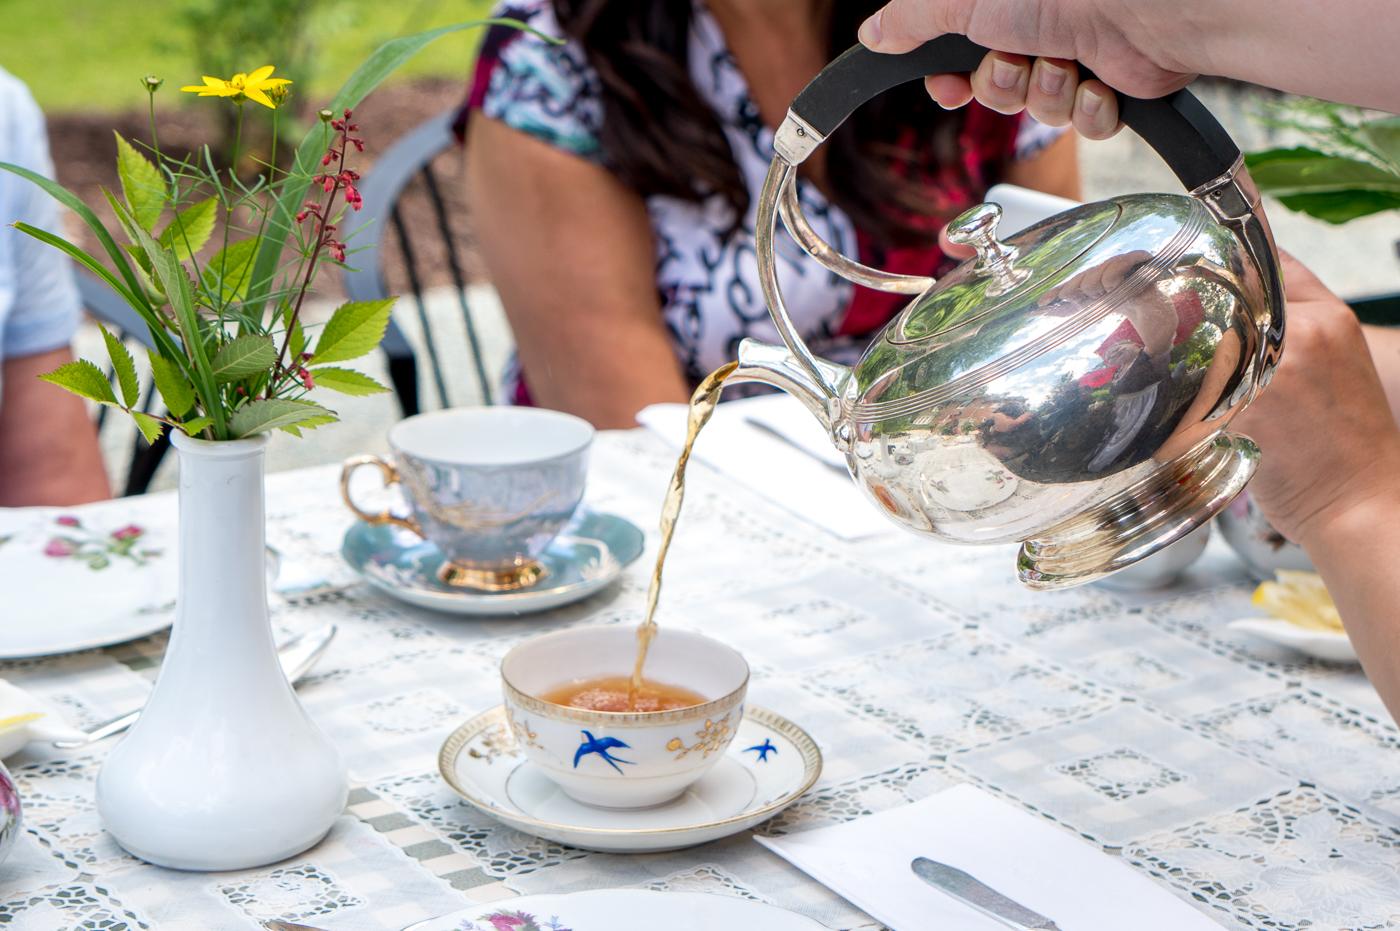 Service du thé à l'anglaise dans les Cantons-de-l'Est